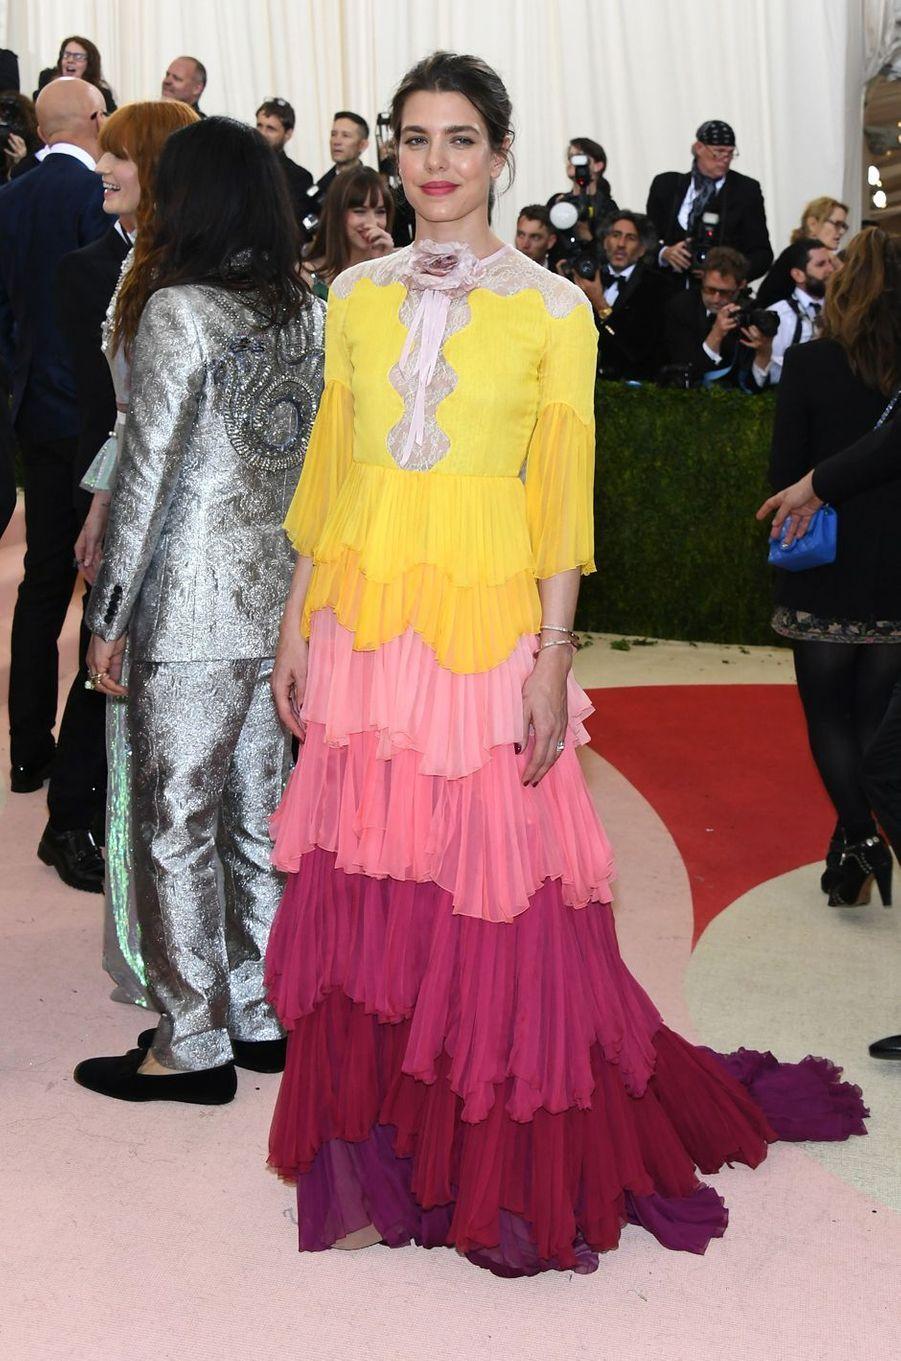 Comme la reine Rania de Jordanie, Charlotte Casiraghi faisait partie des très chics invitées du Gala du Met qui s'est tenu ce lundi 2 mai au soir à New York.